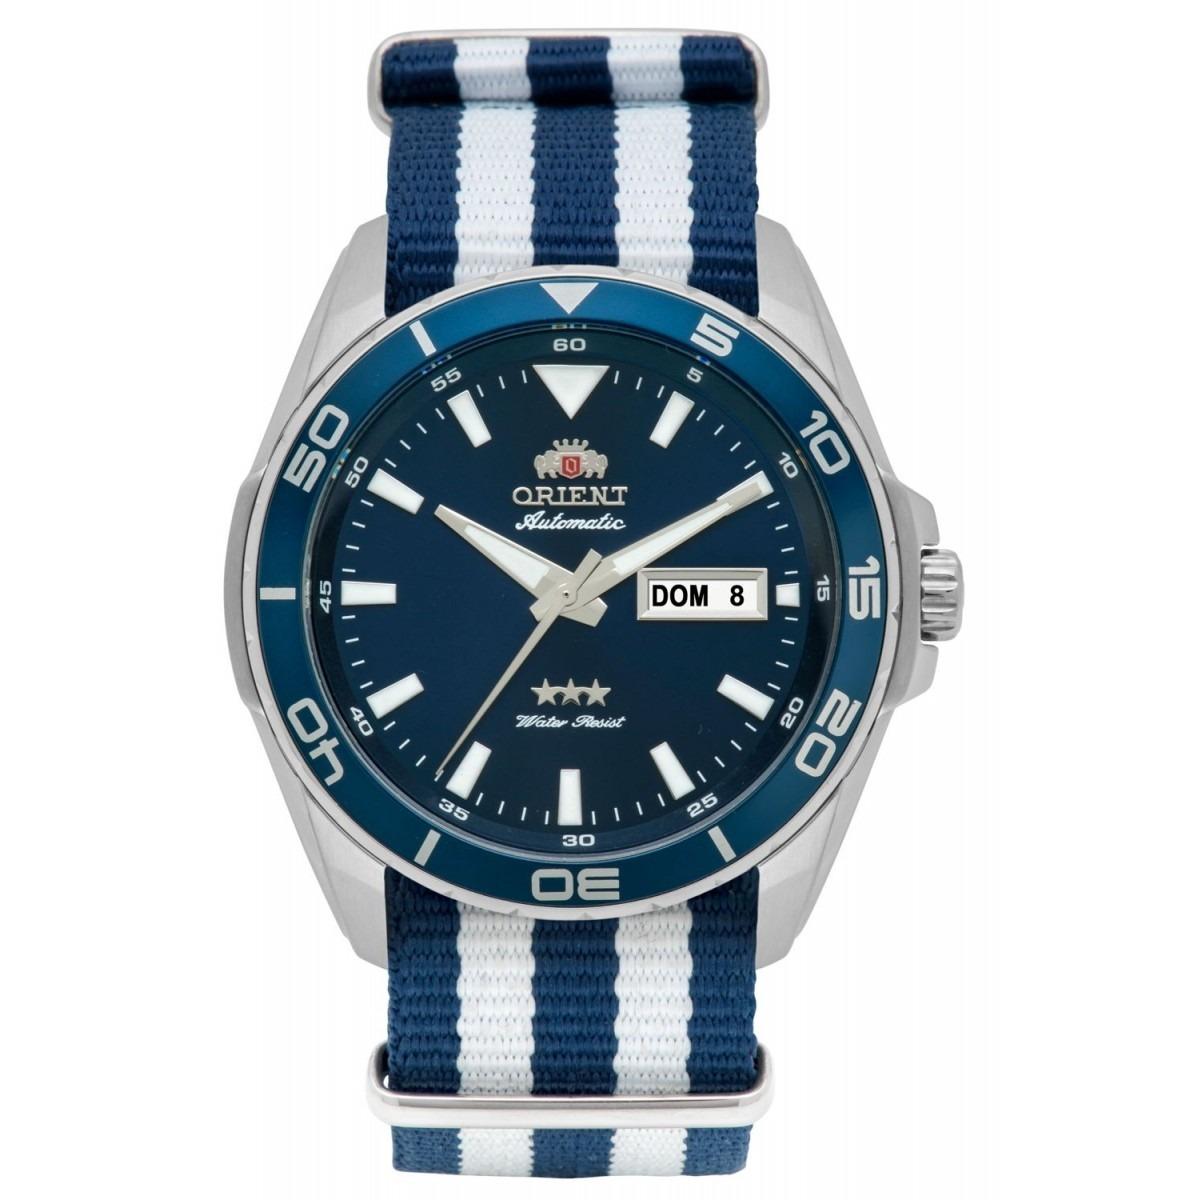 f53bcdc042b relógios masculinos orient automático original c nf promoção. Carregando  zoom.